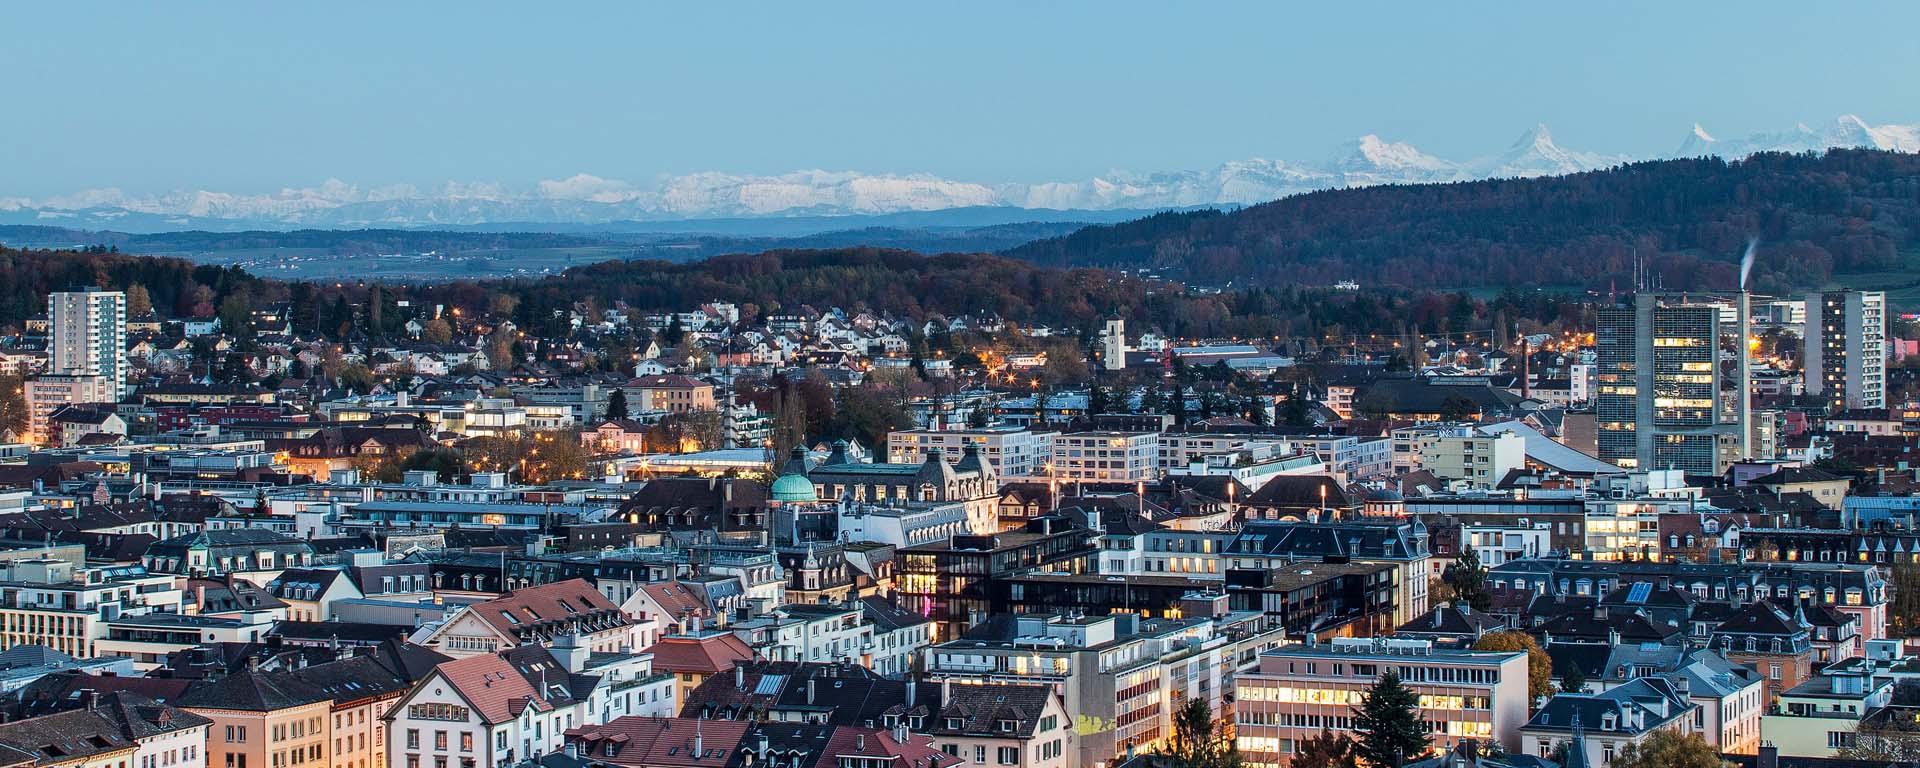 Fotoaufnahmen Der Stadt Biel Photos De La Ville De Bienne